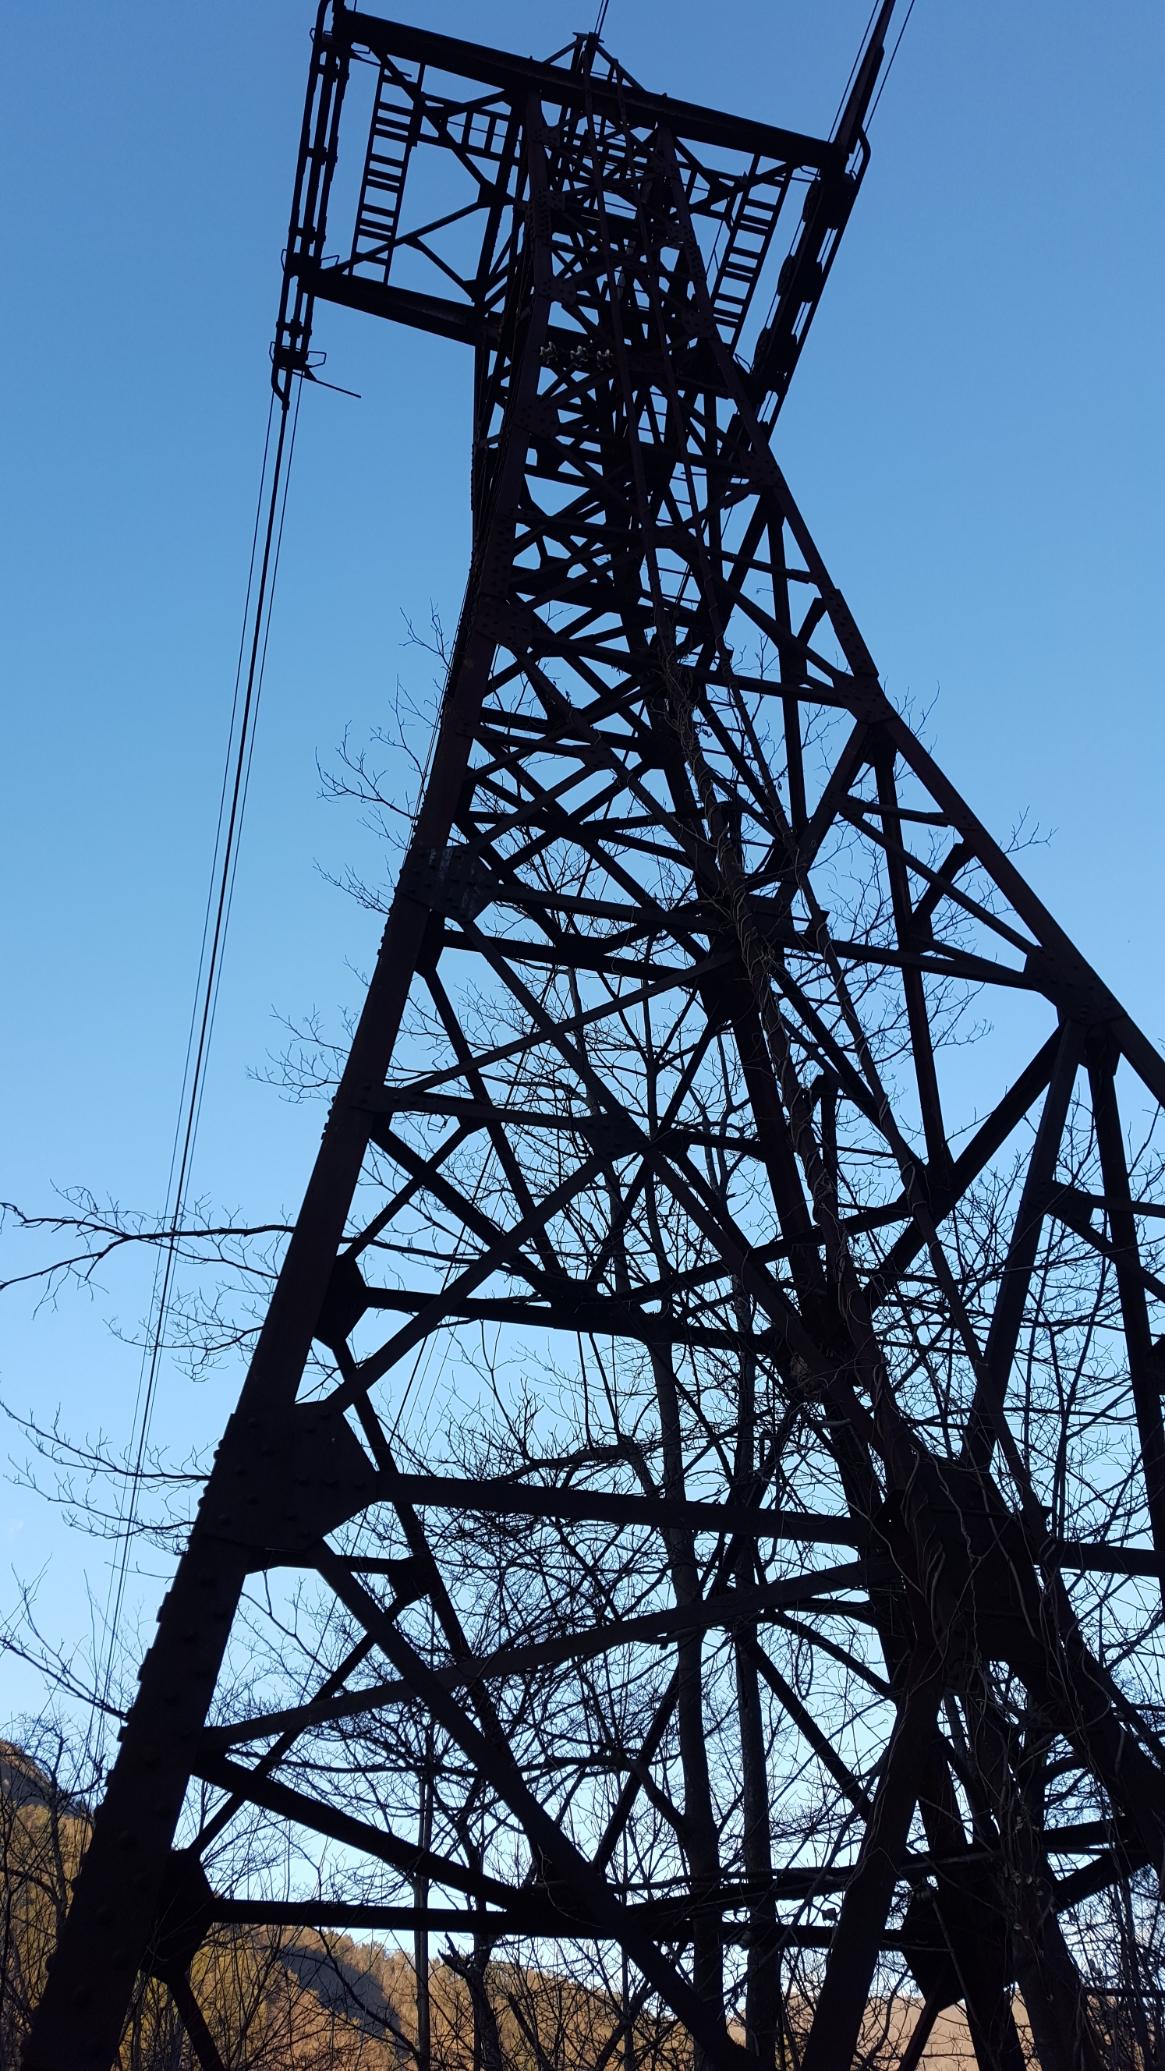 この「奥多摩湖ロープウェイ(三頭山口駅)」の場所は、下に記載するグーグルマップに記載致しますが、私は奥多摩湖の端にある写真の鉄塔を目指してやってきました!写真の鉄塔はロープウェイを支える柱の一つで、修工から半世紀以上経つ現在でも運航されていないとはいえ膨大な重量のケーブルを支える任務を全うしておりました。